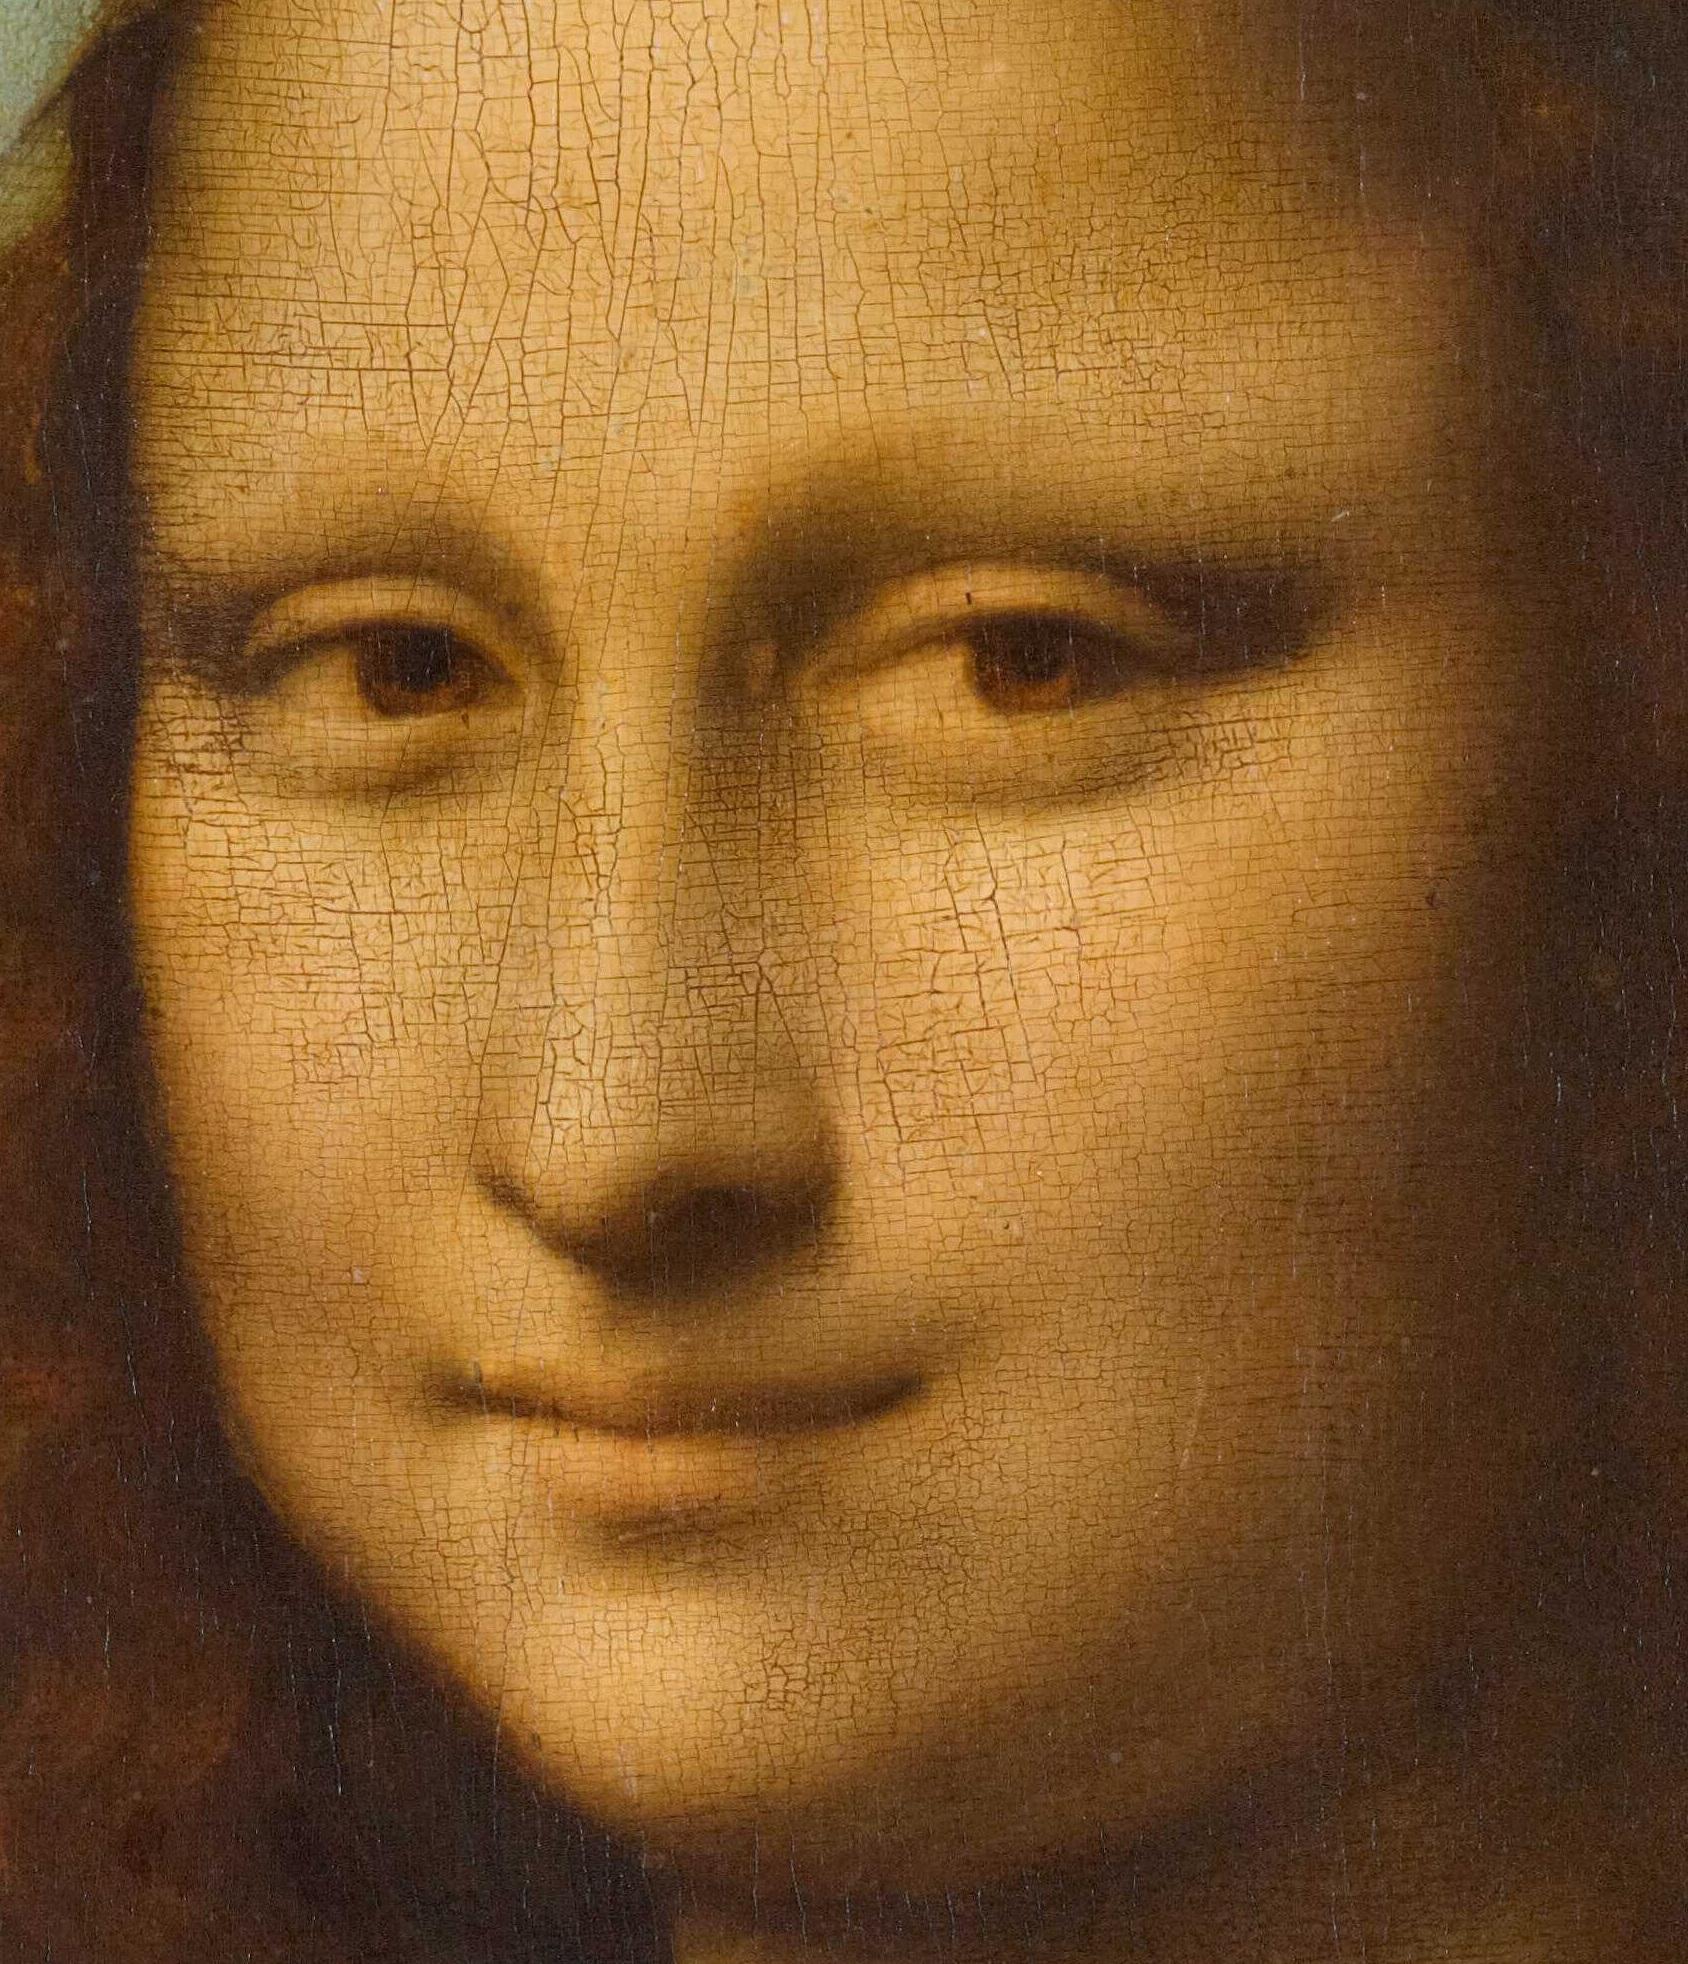 Depiction of Esfumado